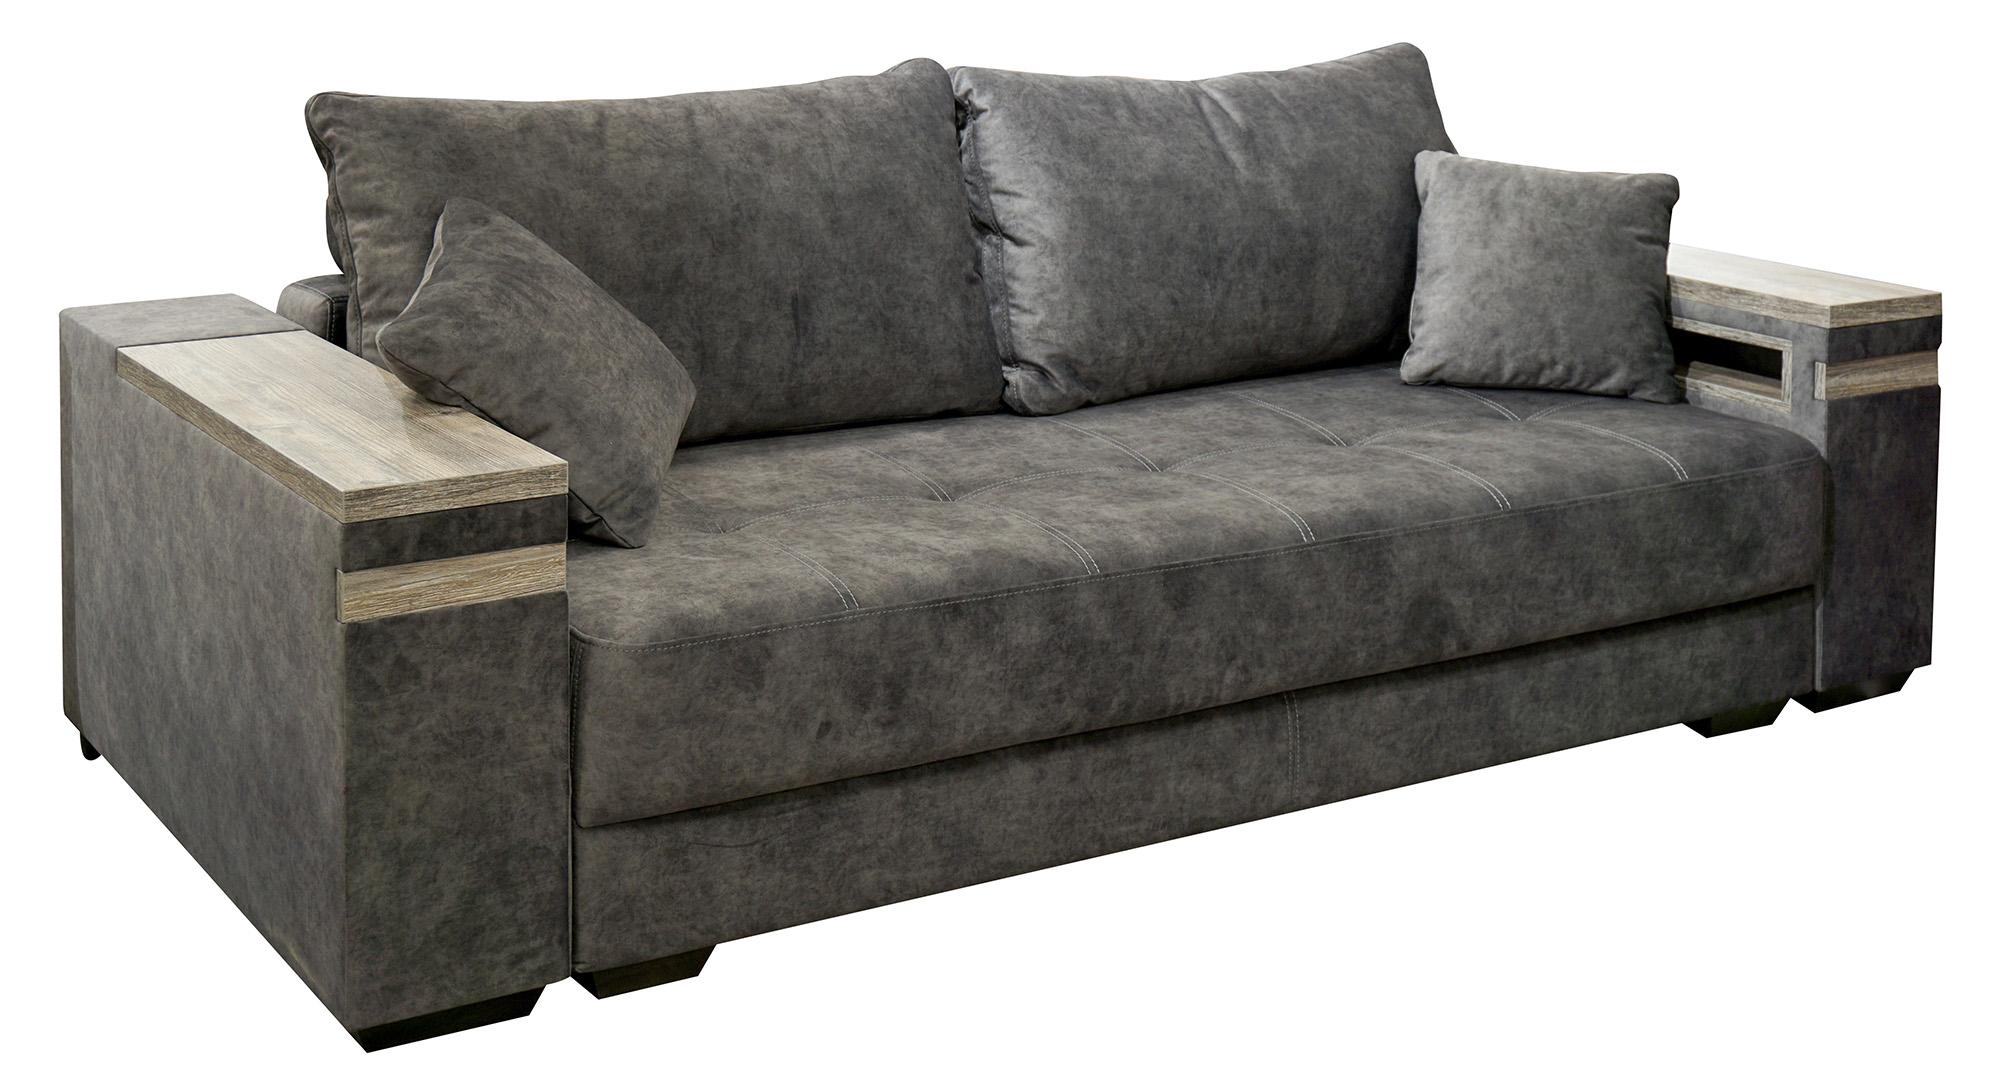 купить прямой раскладной диван в минске витебске могилеве рб в